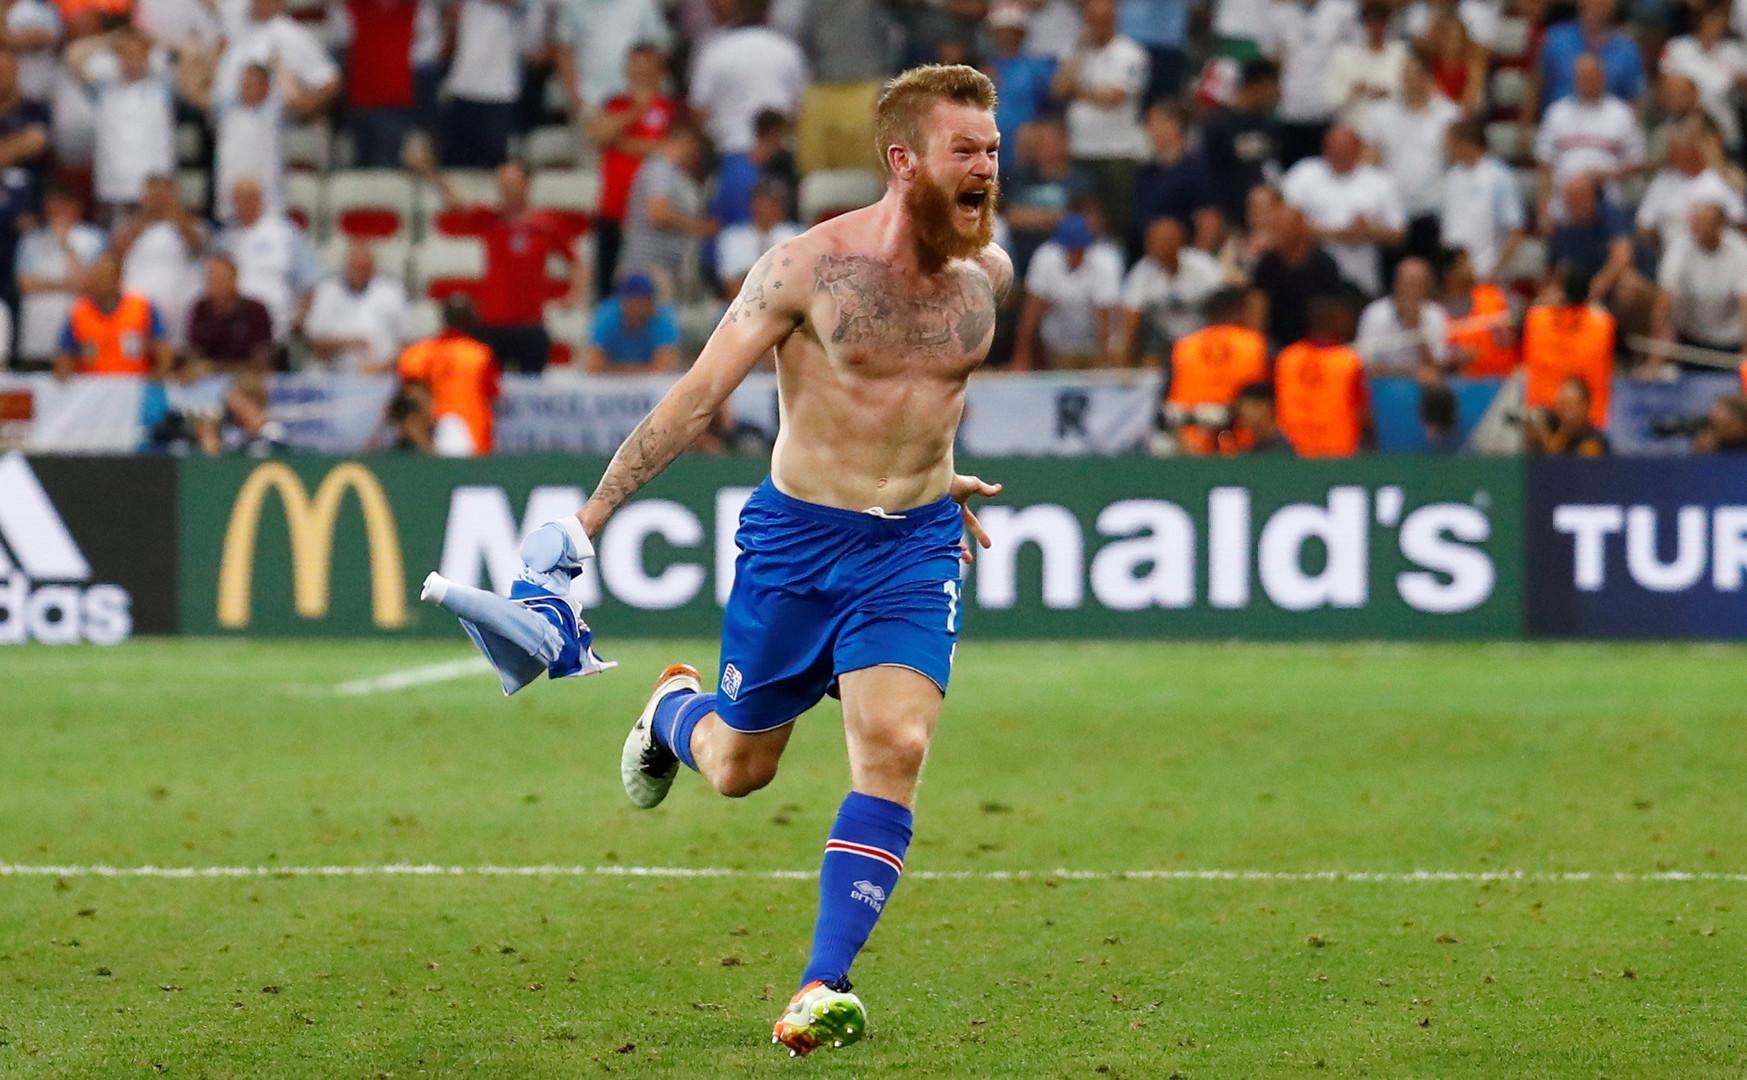 Полузащитник сборной Исландии Арон Гуннарссон празднует победу своей команды над Англией.